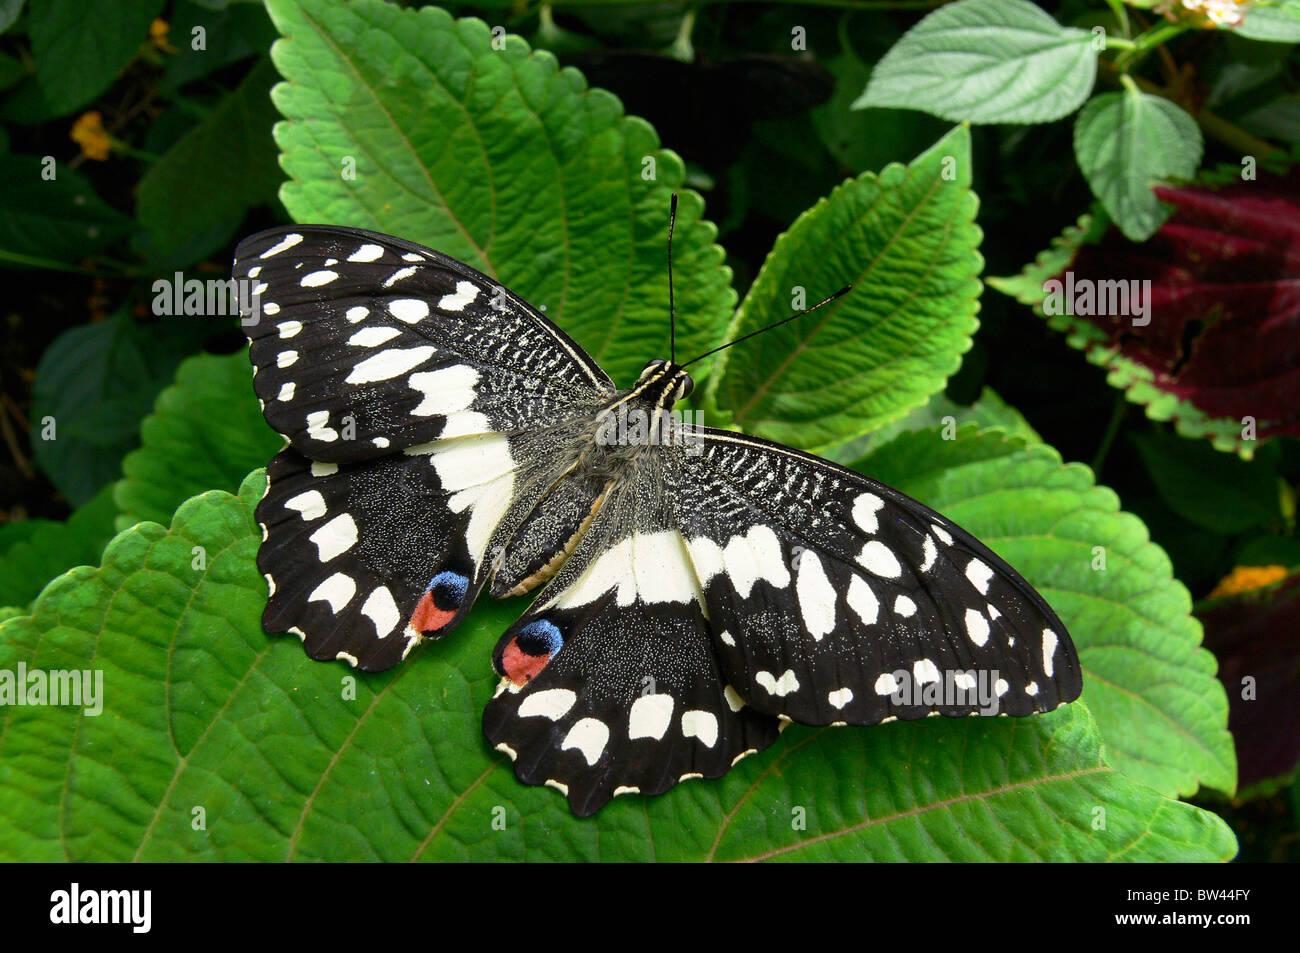 A coda di rondine a scacchi (Alette aperte) Papilio demoleus a Stratford Butterfly Farm, Stratford-upon-Avon, Warwickshire, Immagini Stock